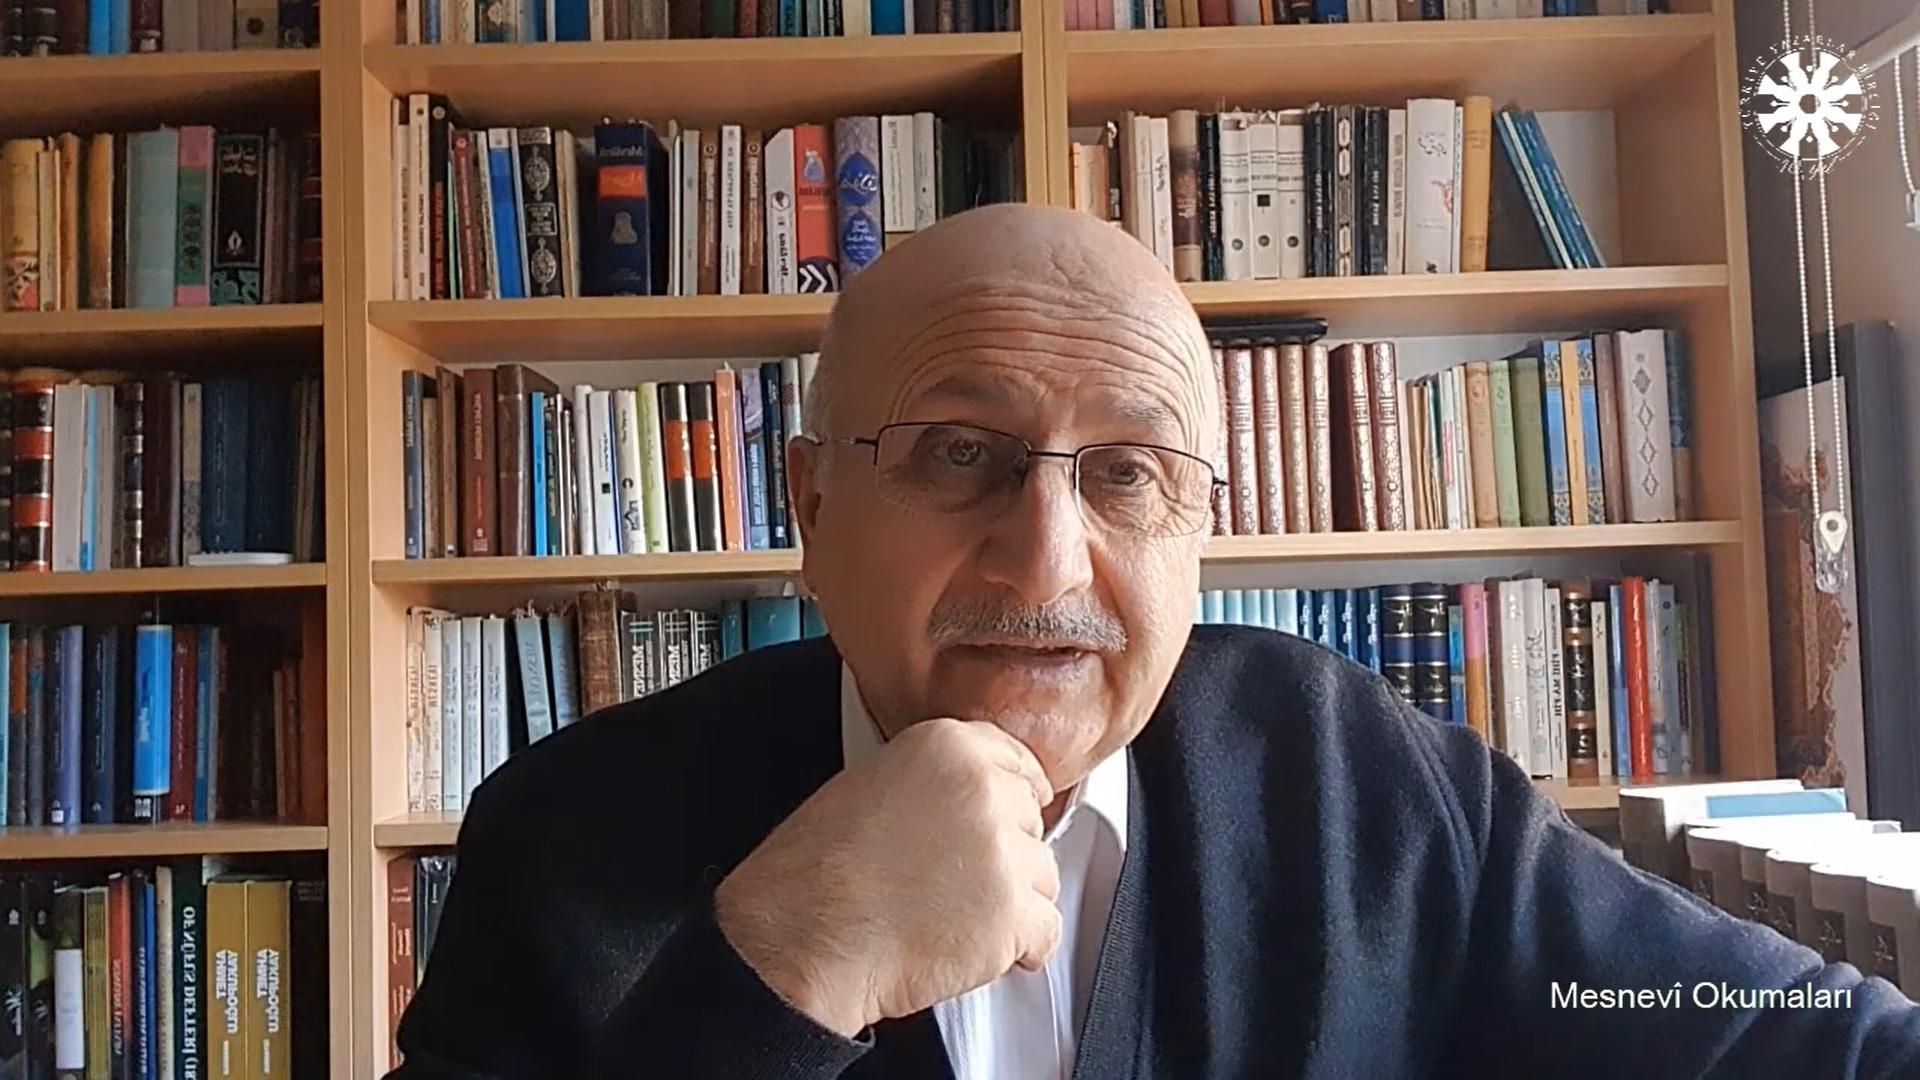 Mesnevî Okumaları -94- Prof. Dr. Adnan Karaismailoğlu